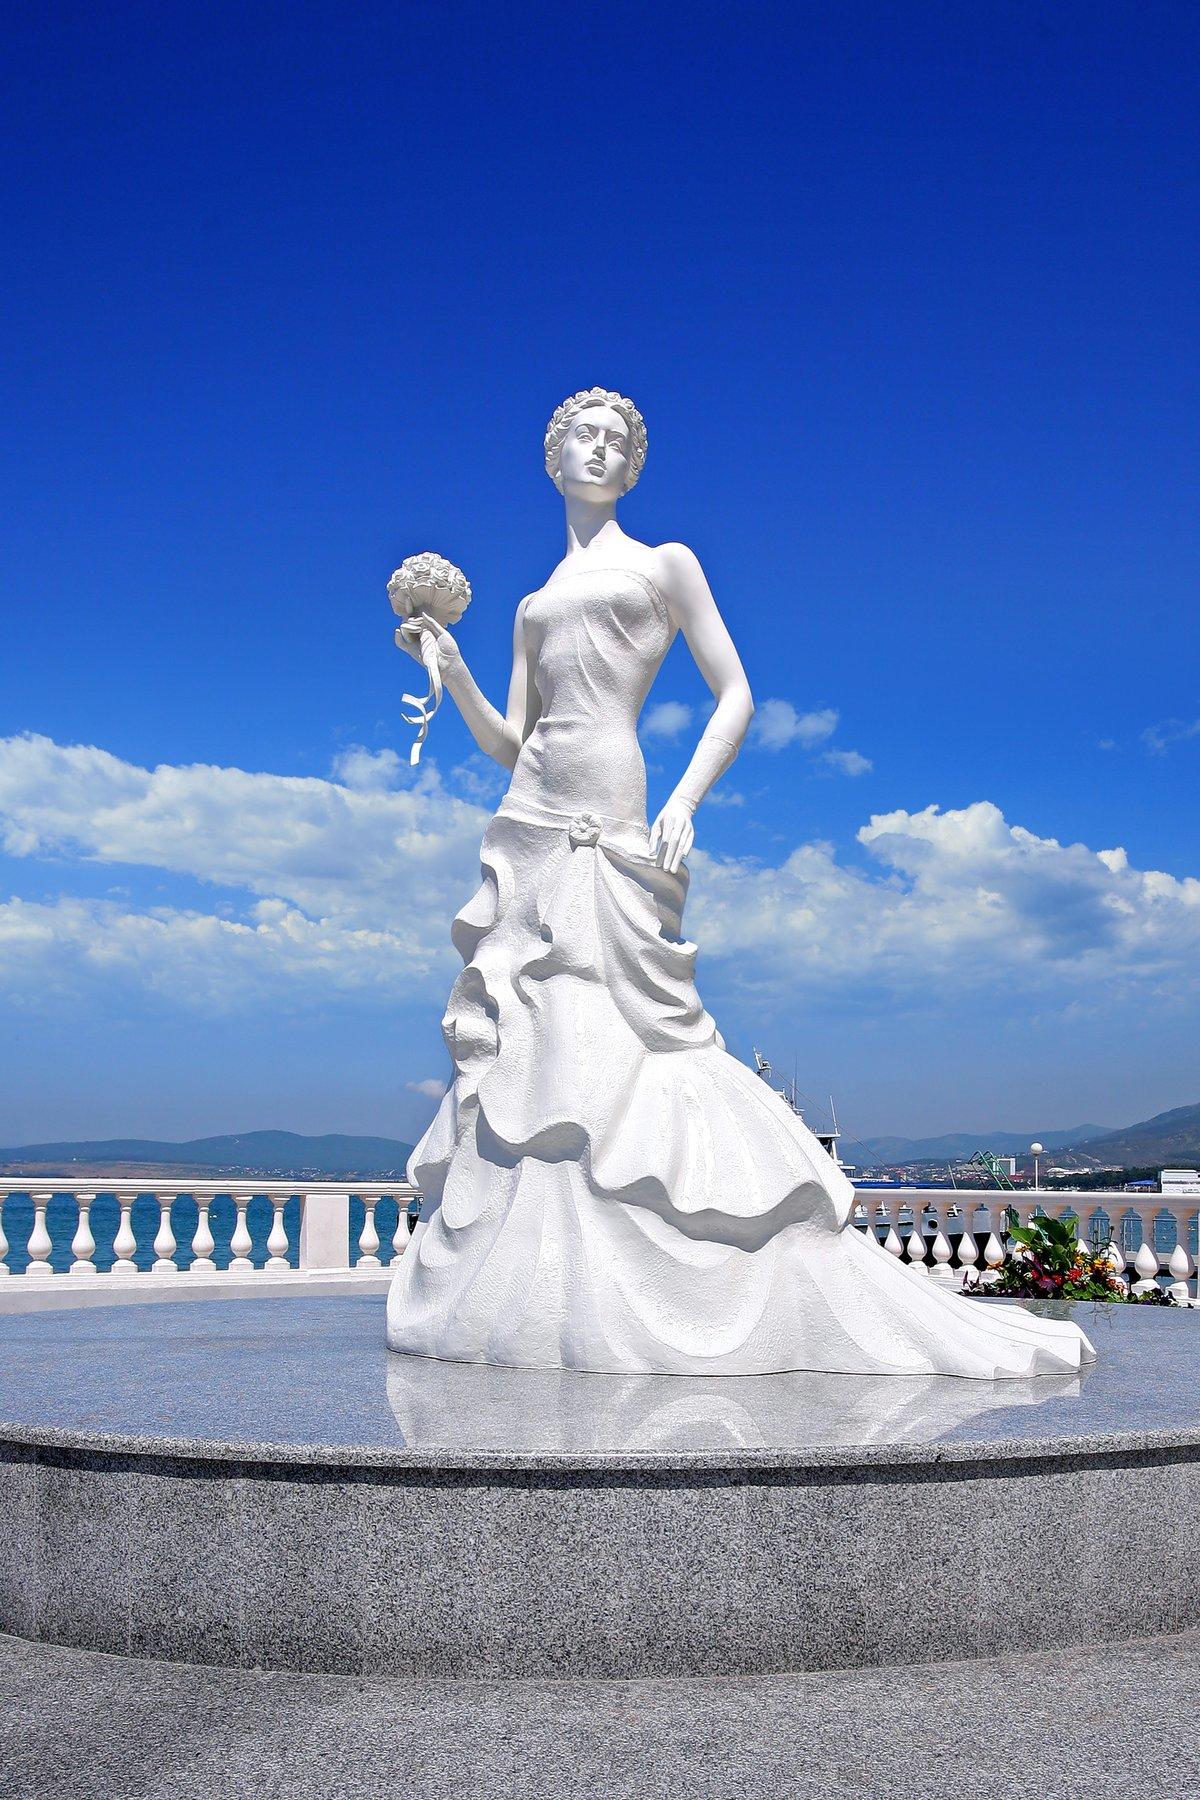 фото памятника белая невесточка со всех сторон